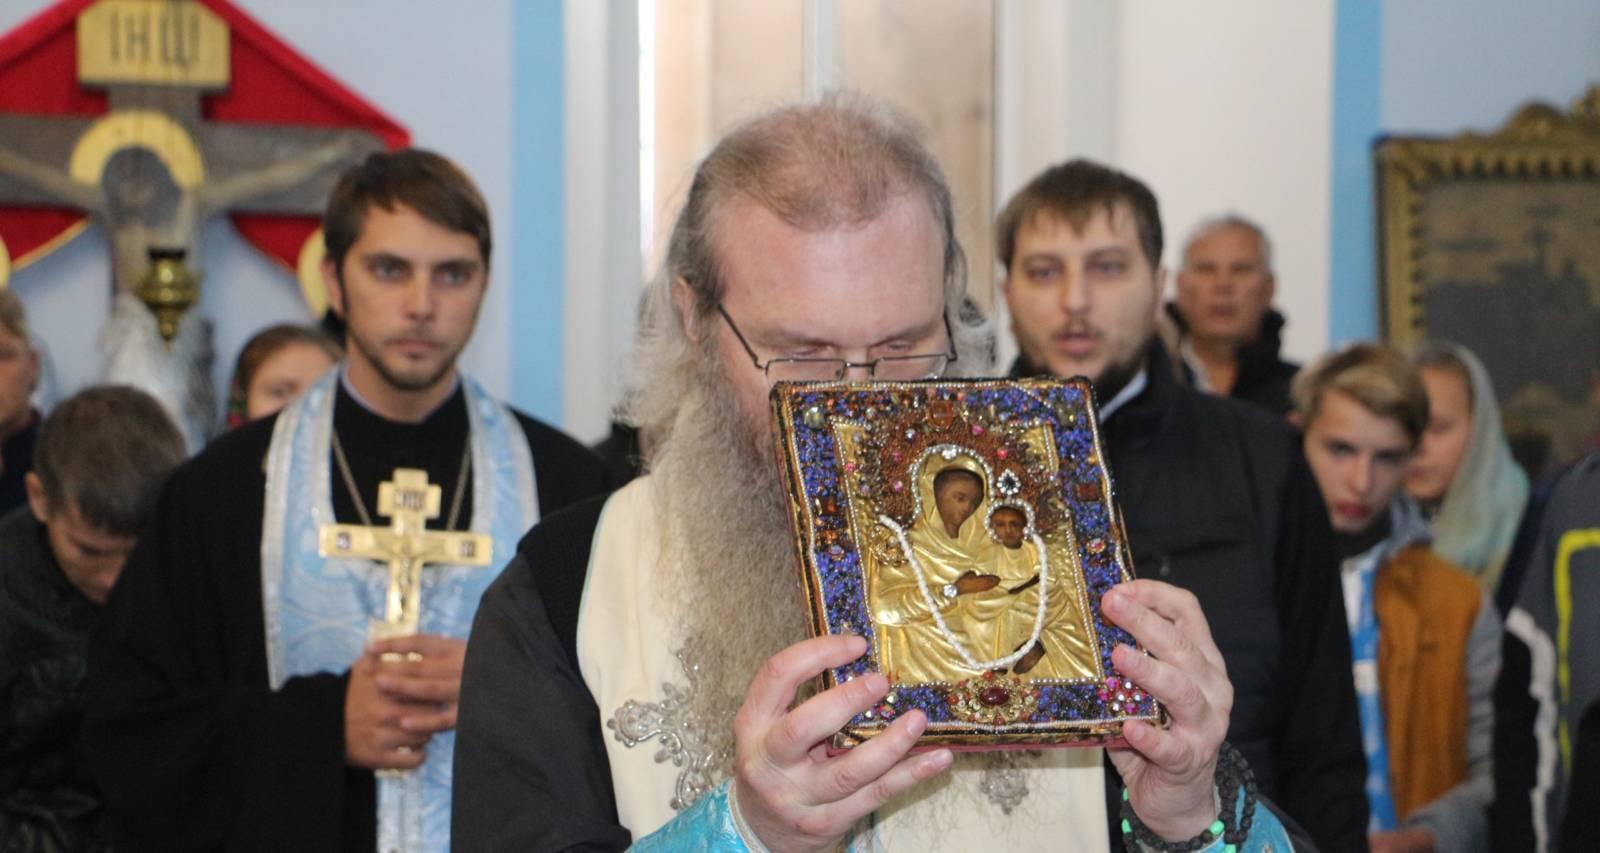 21 июня  – день явления иконы Божией Матери, именуемой «Урюпинская».